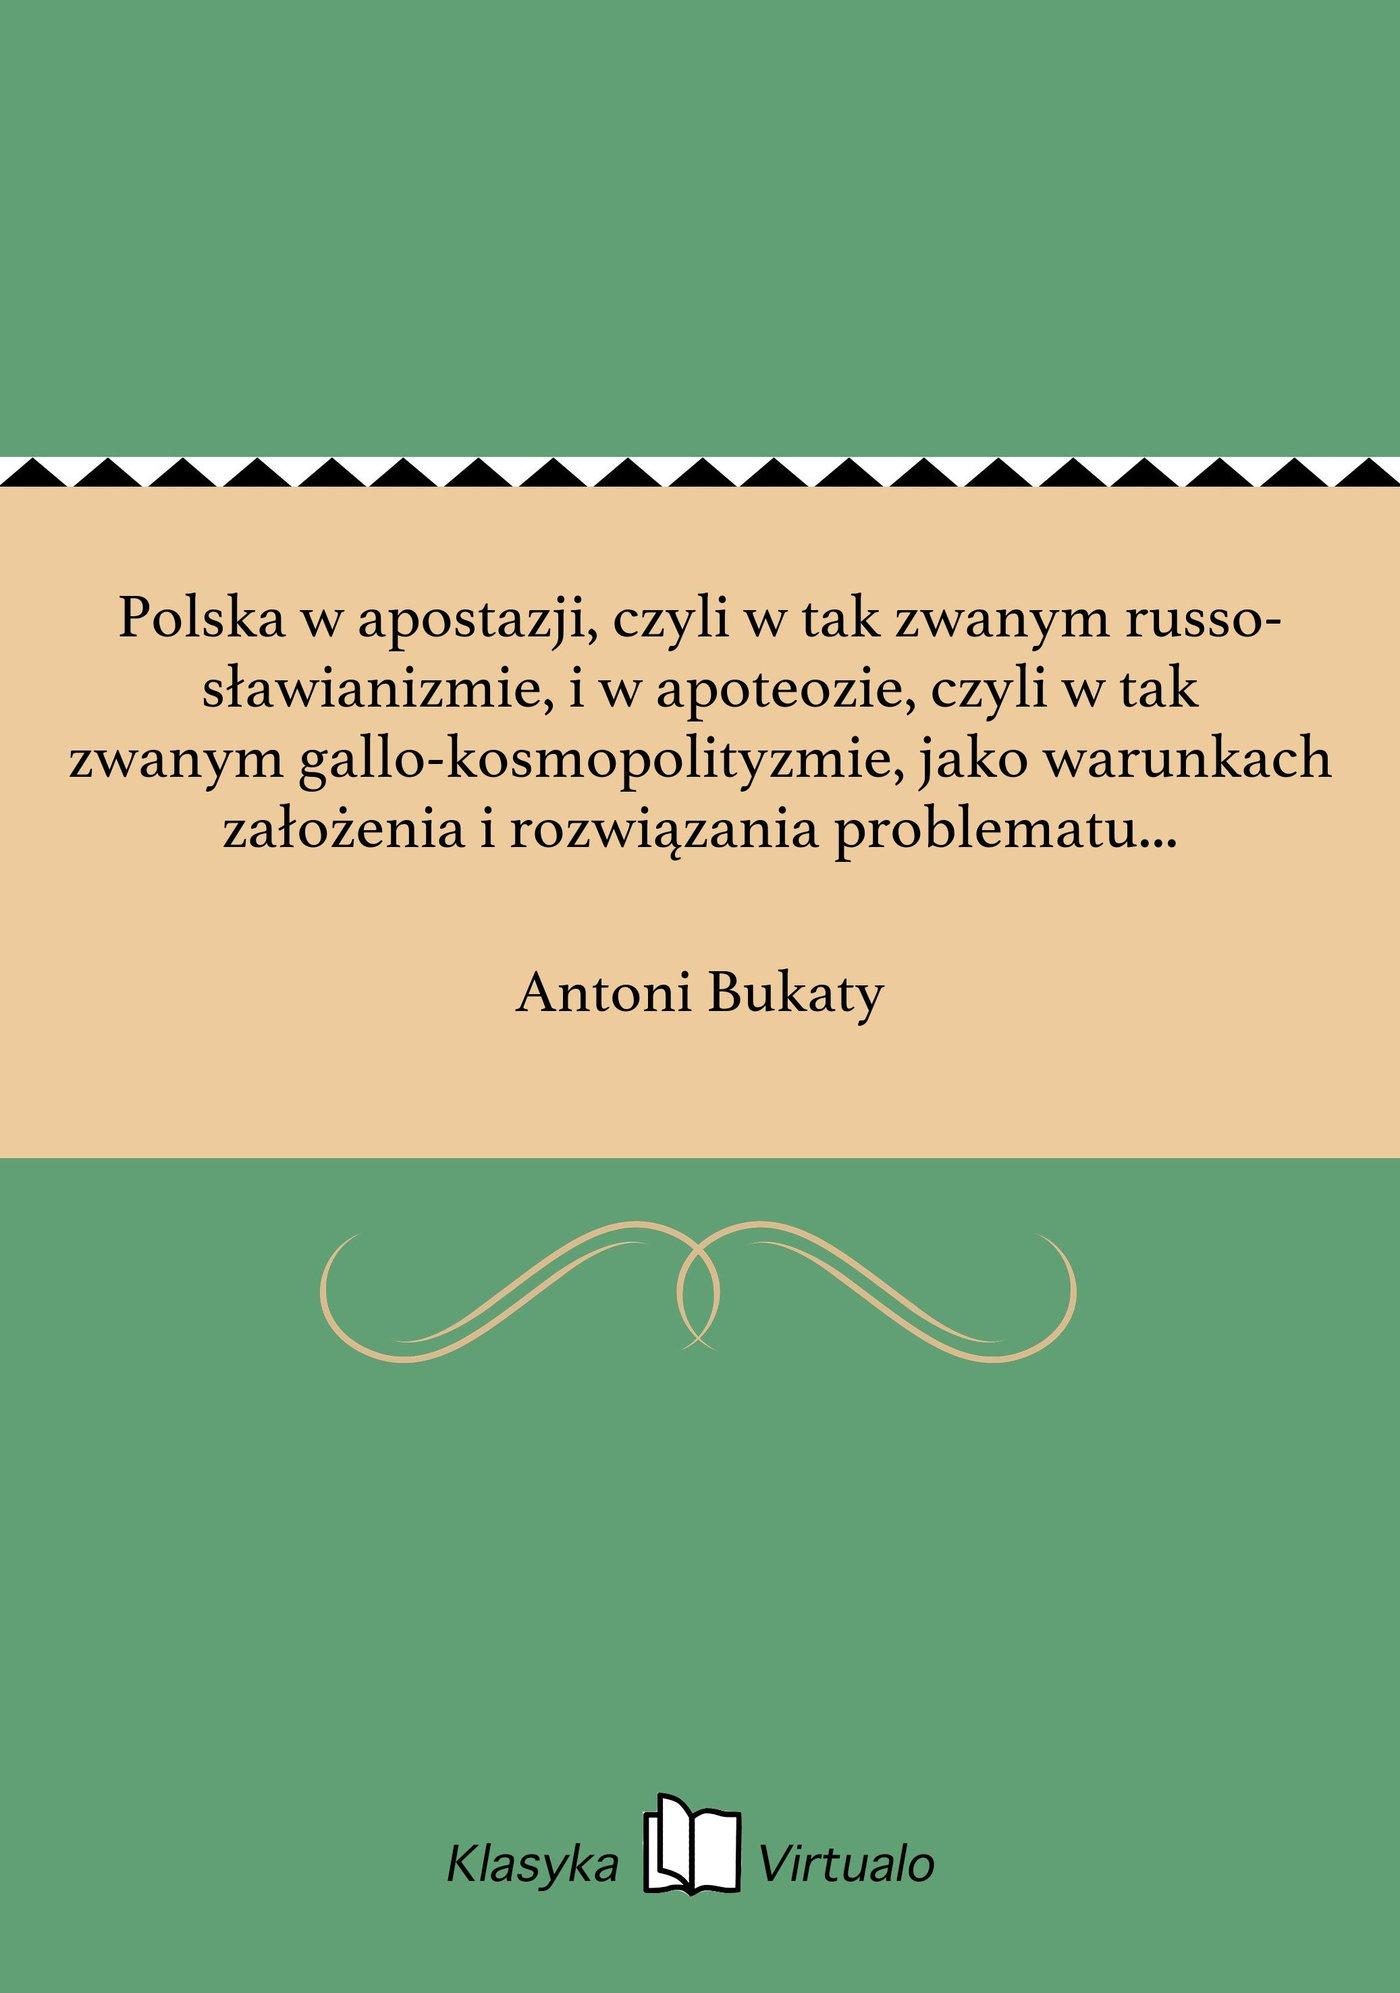 Polska w apostazji, czyli w tak zwanym russo-sławianizmie, i w apoteozie, czyli w tak zwanym gallo-kosmopolityzmie, jako warunkach założenia i rozwiązania problematu etnologicznego w praktyce i wiedzy - Ebook (Książka EPUB) do pobrania w formacie EPUB